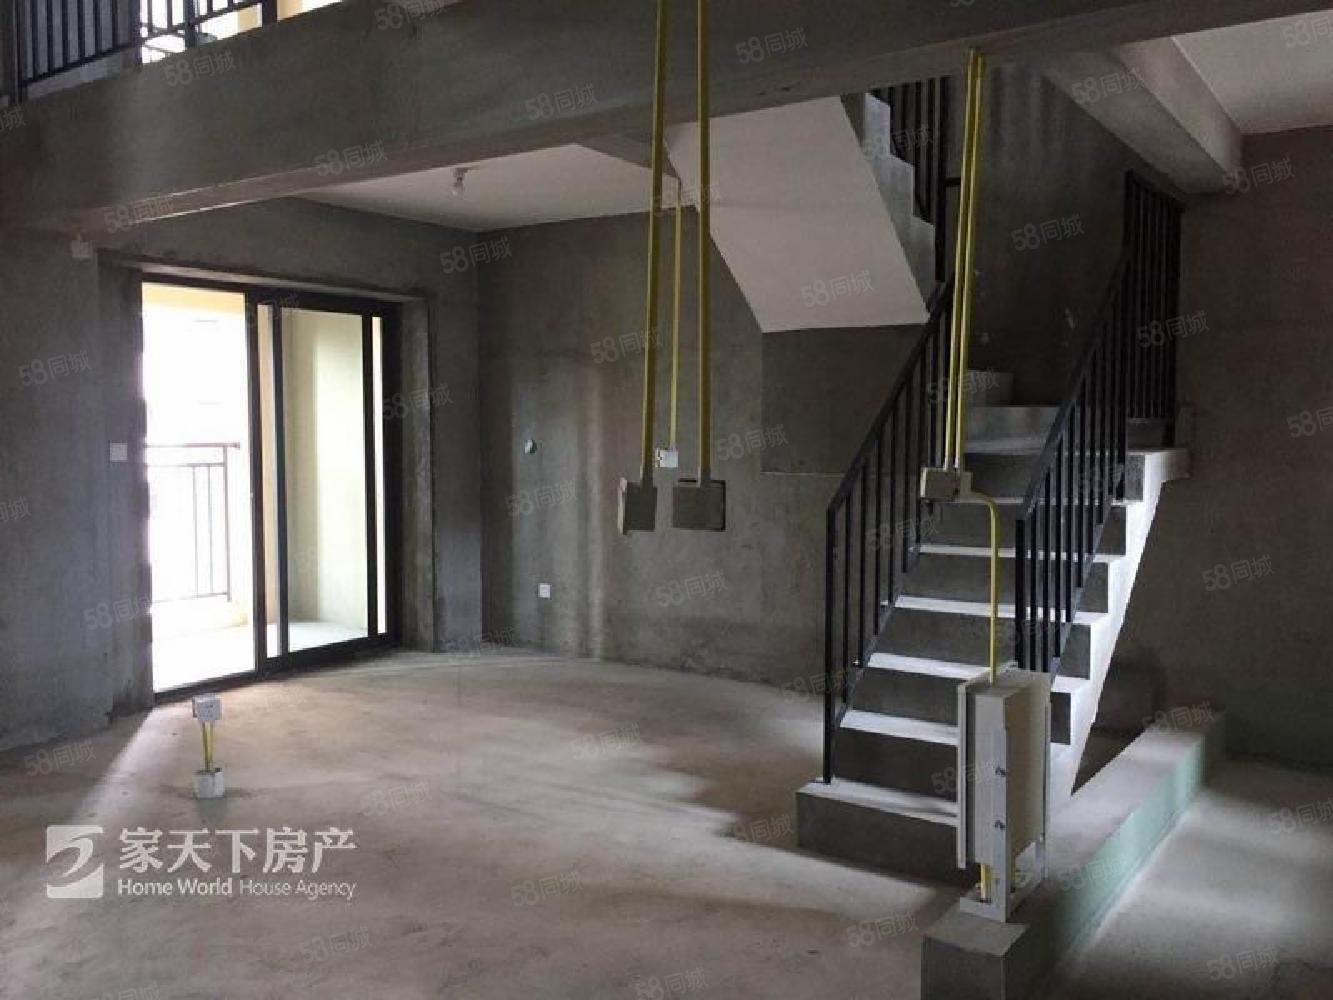 世欧王庄旁全新楼盘金辉优步大道双层复式四房使用面积大